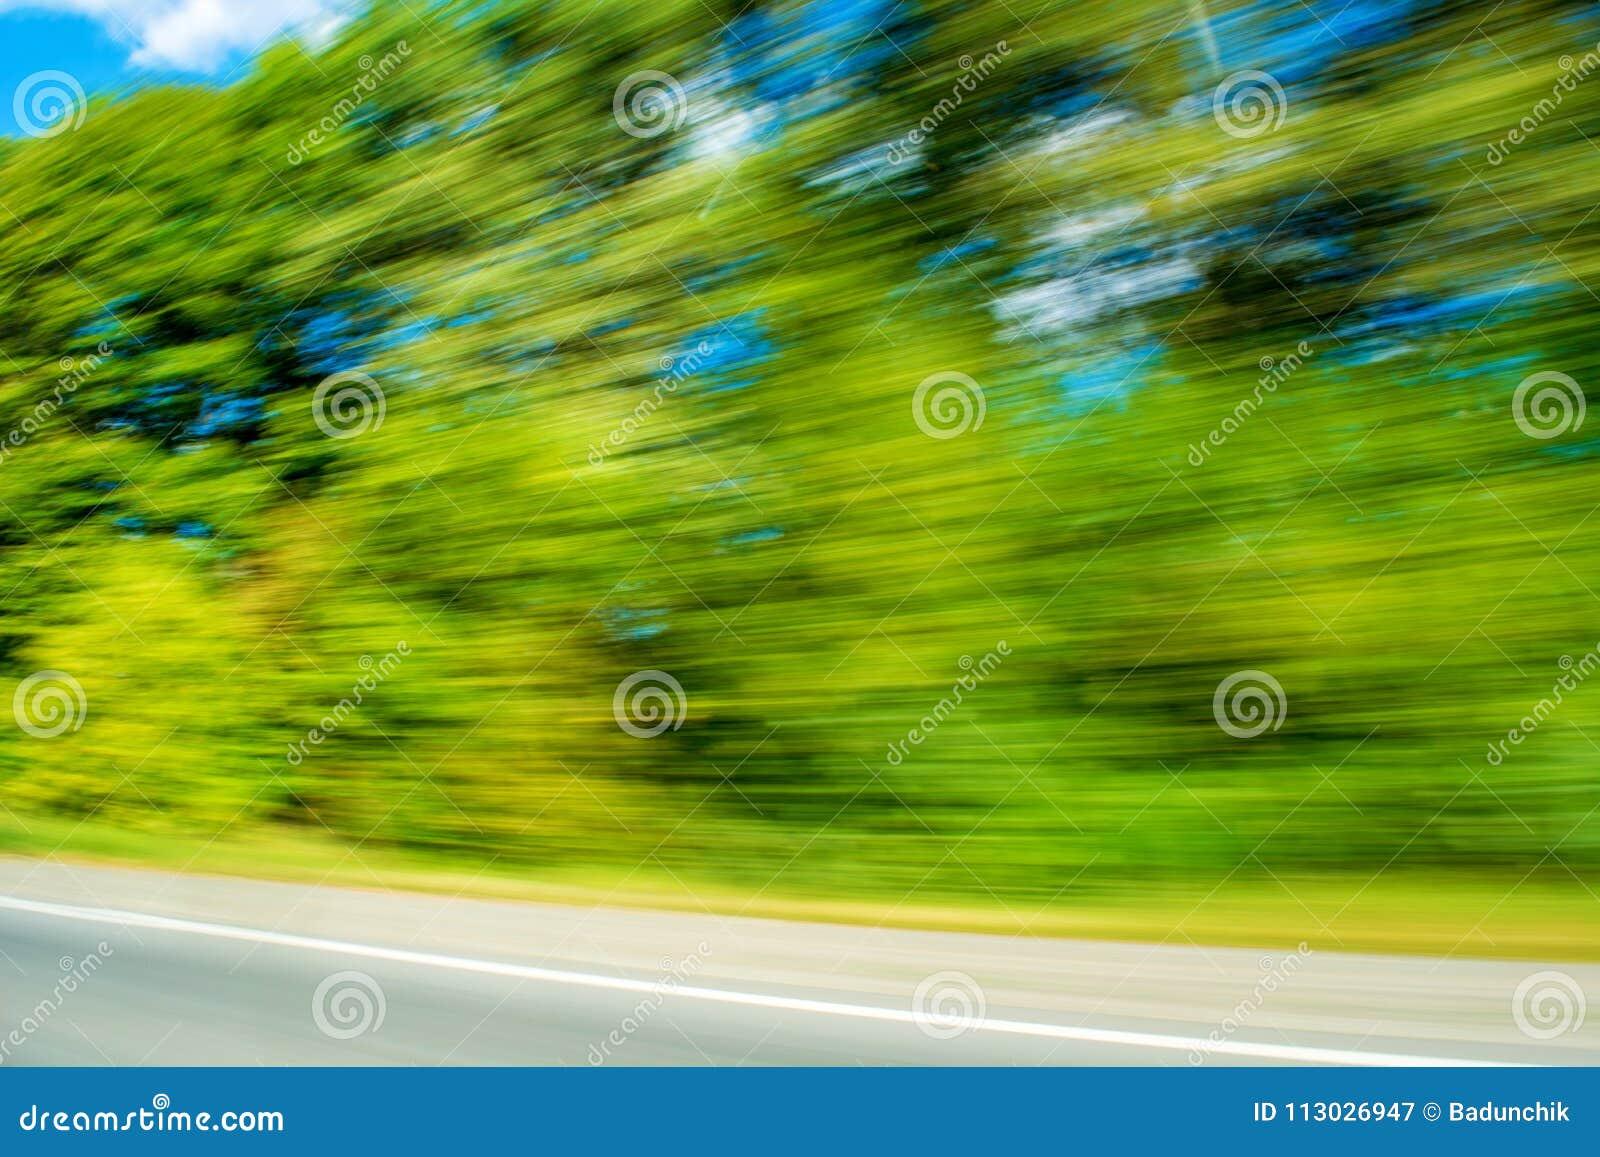 Foto de plantas verdes borrosas, fondo del movimiento